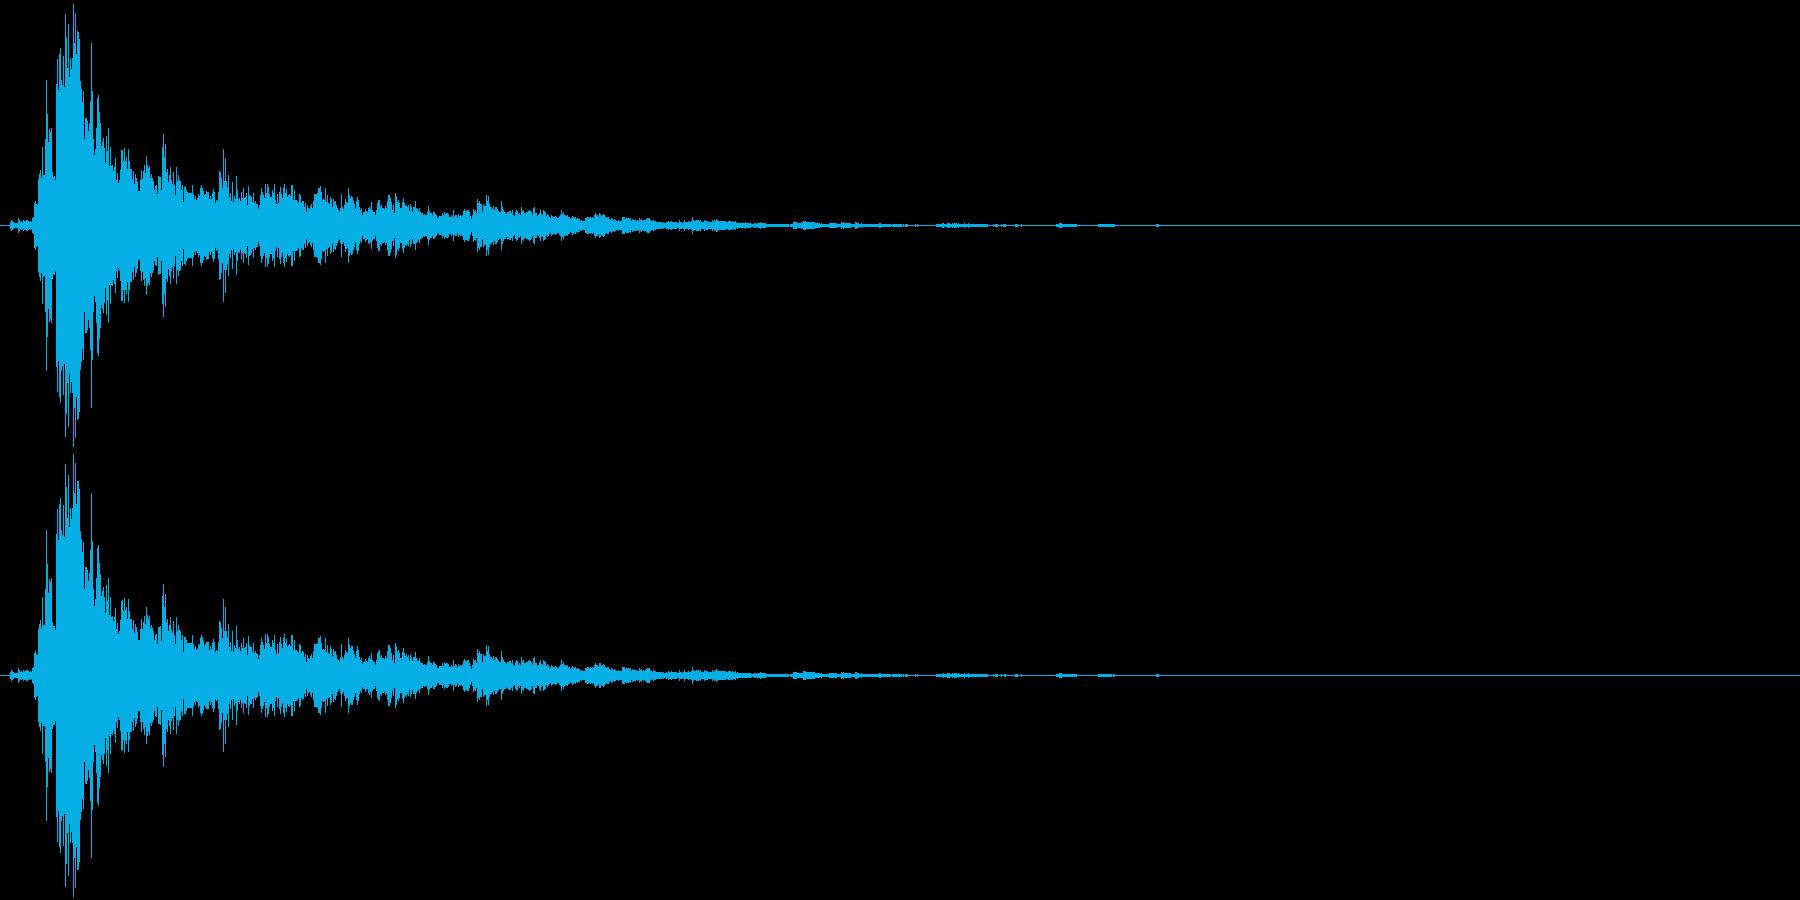 音侍SE「シャン〜〜!」象徴的な鈴の音1の再生済みの波形